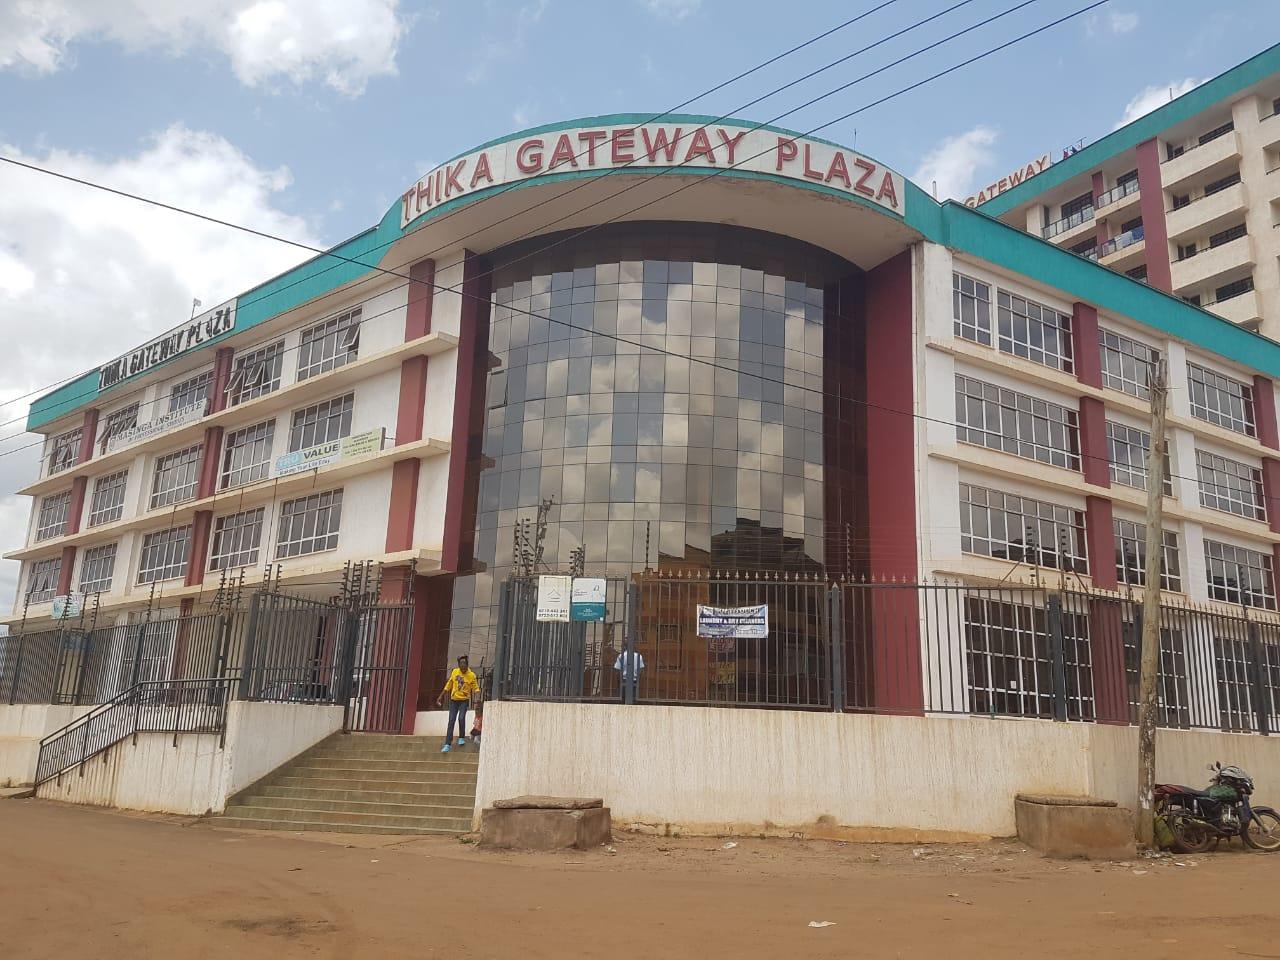 Thika Gateway Plaza